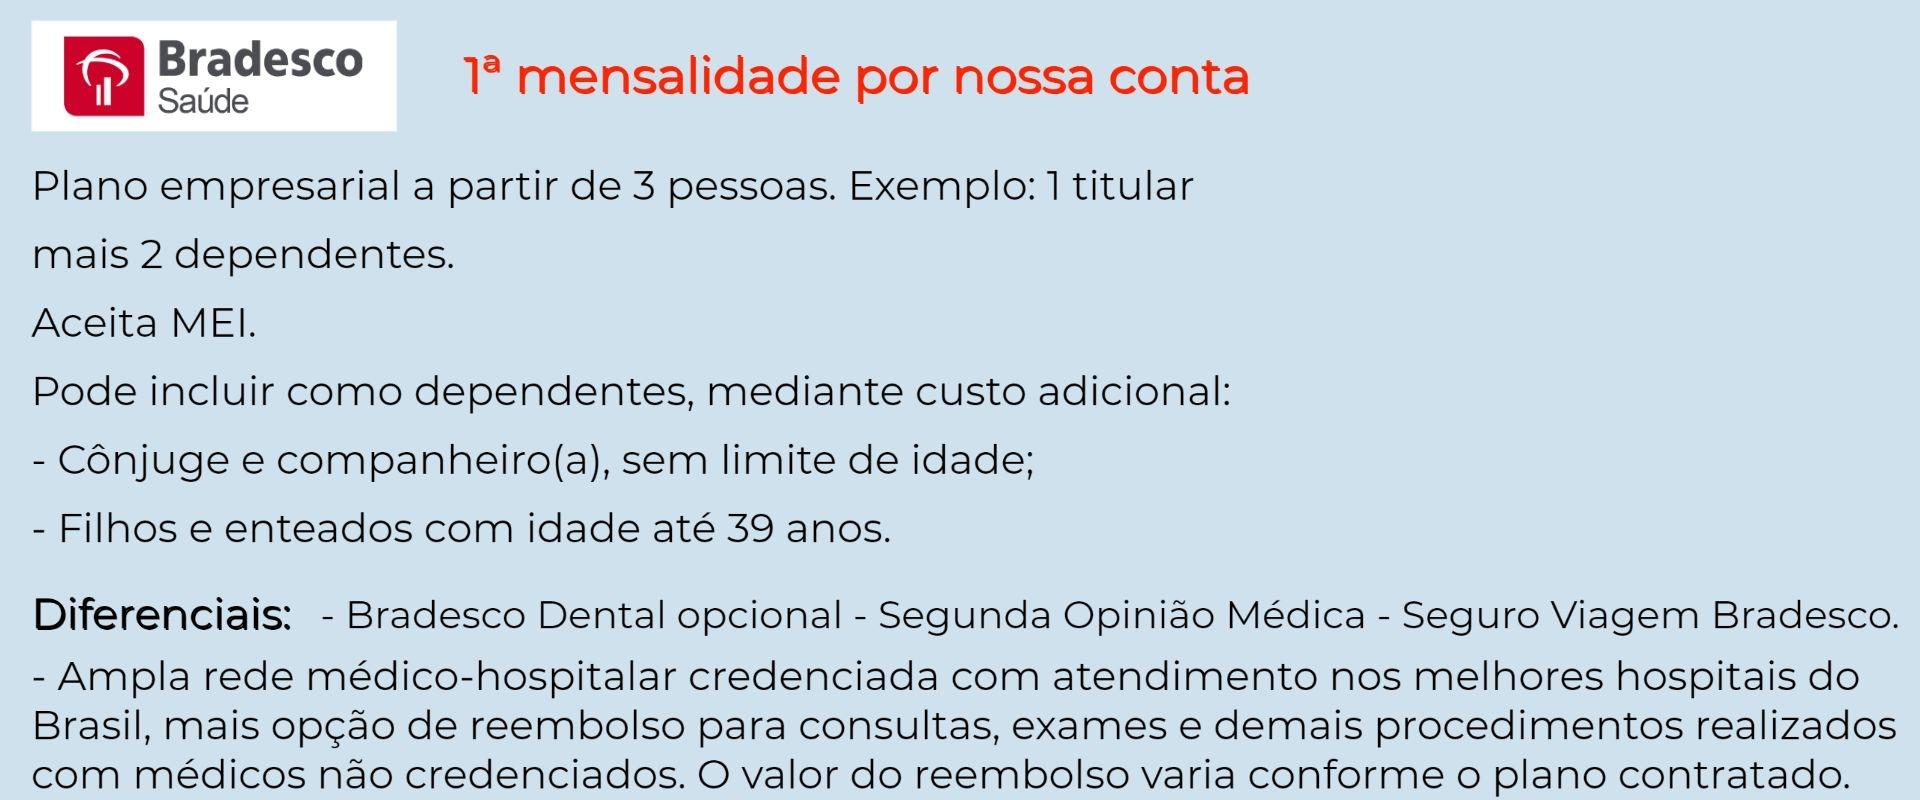 Bradesco Saúde Empresarial - Olímpia